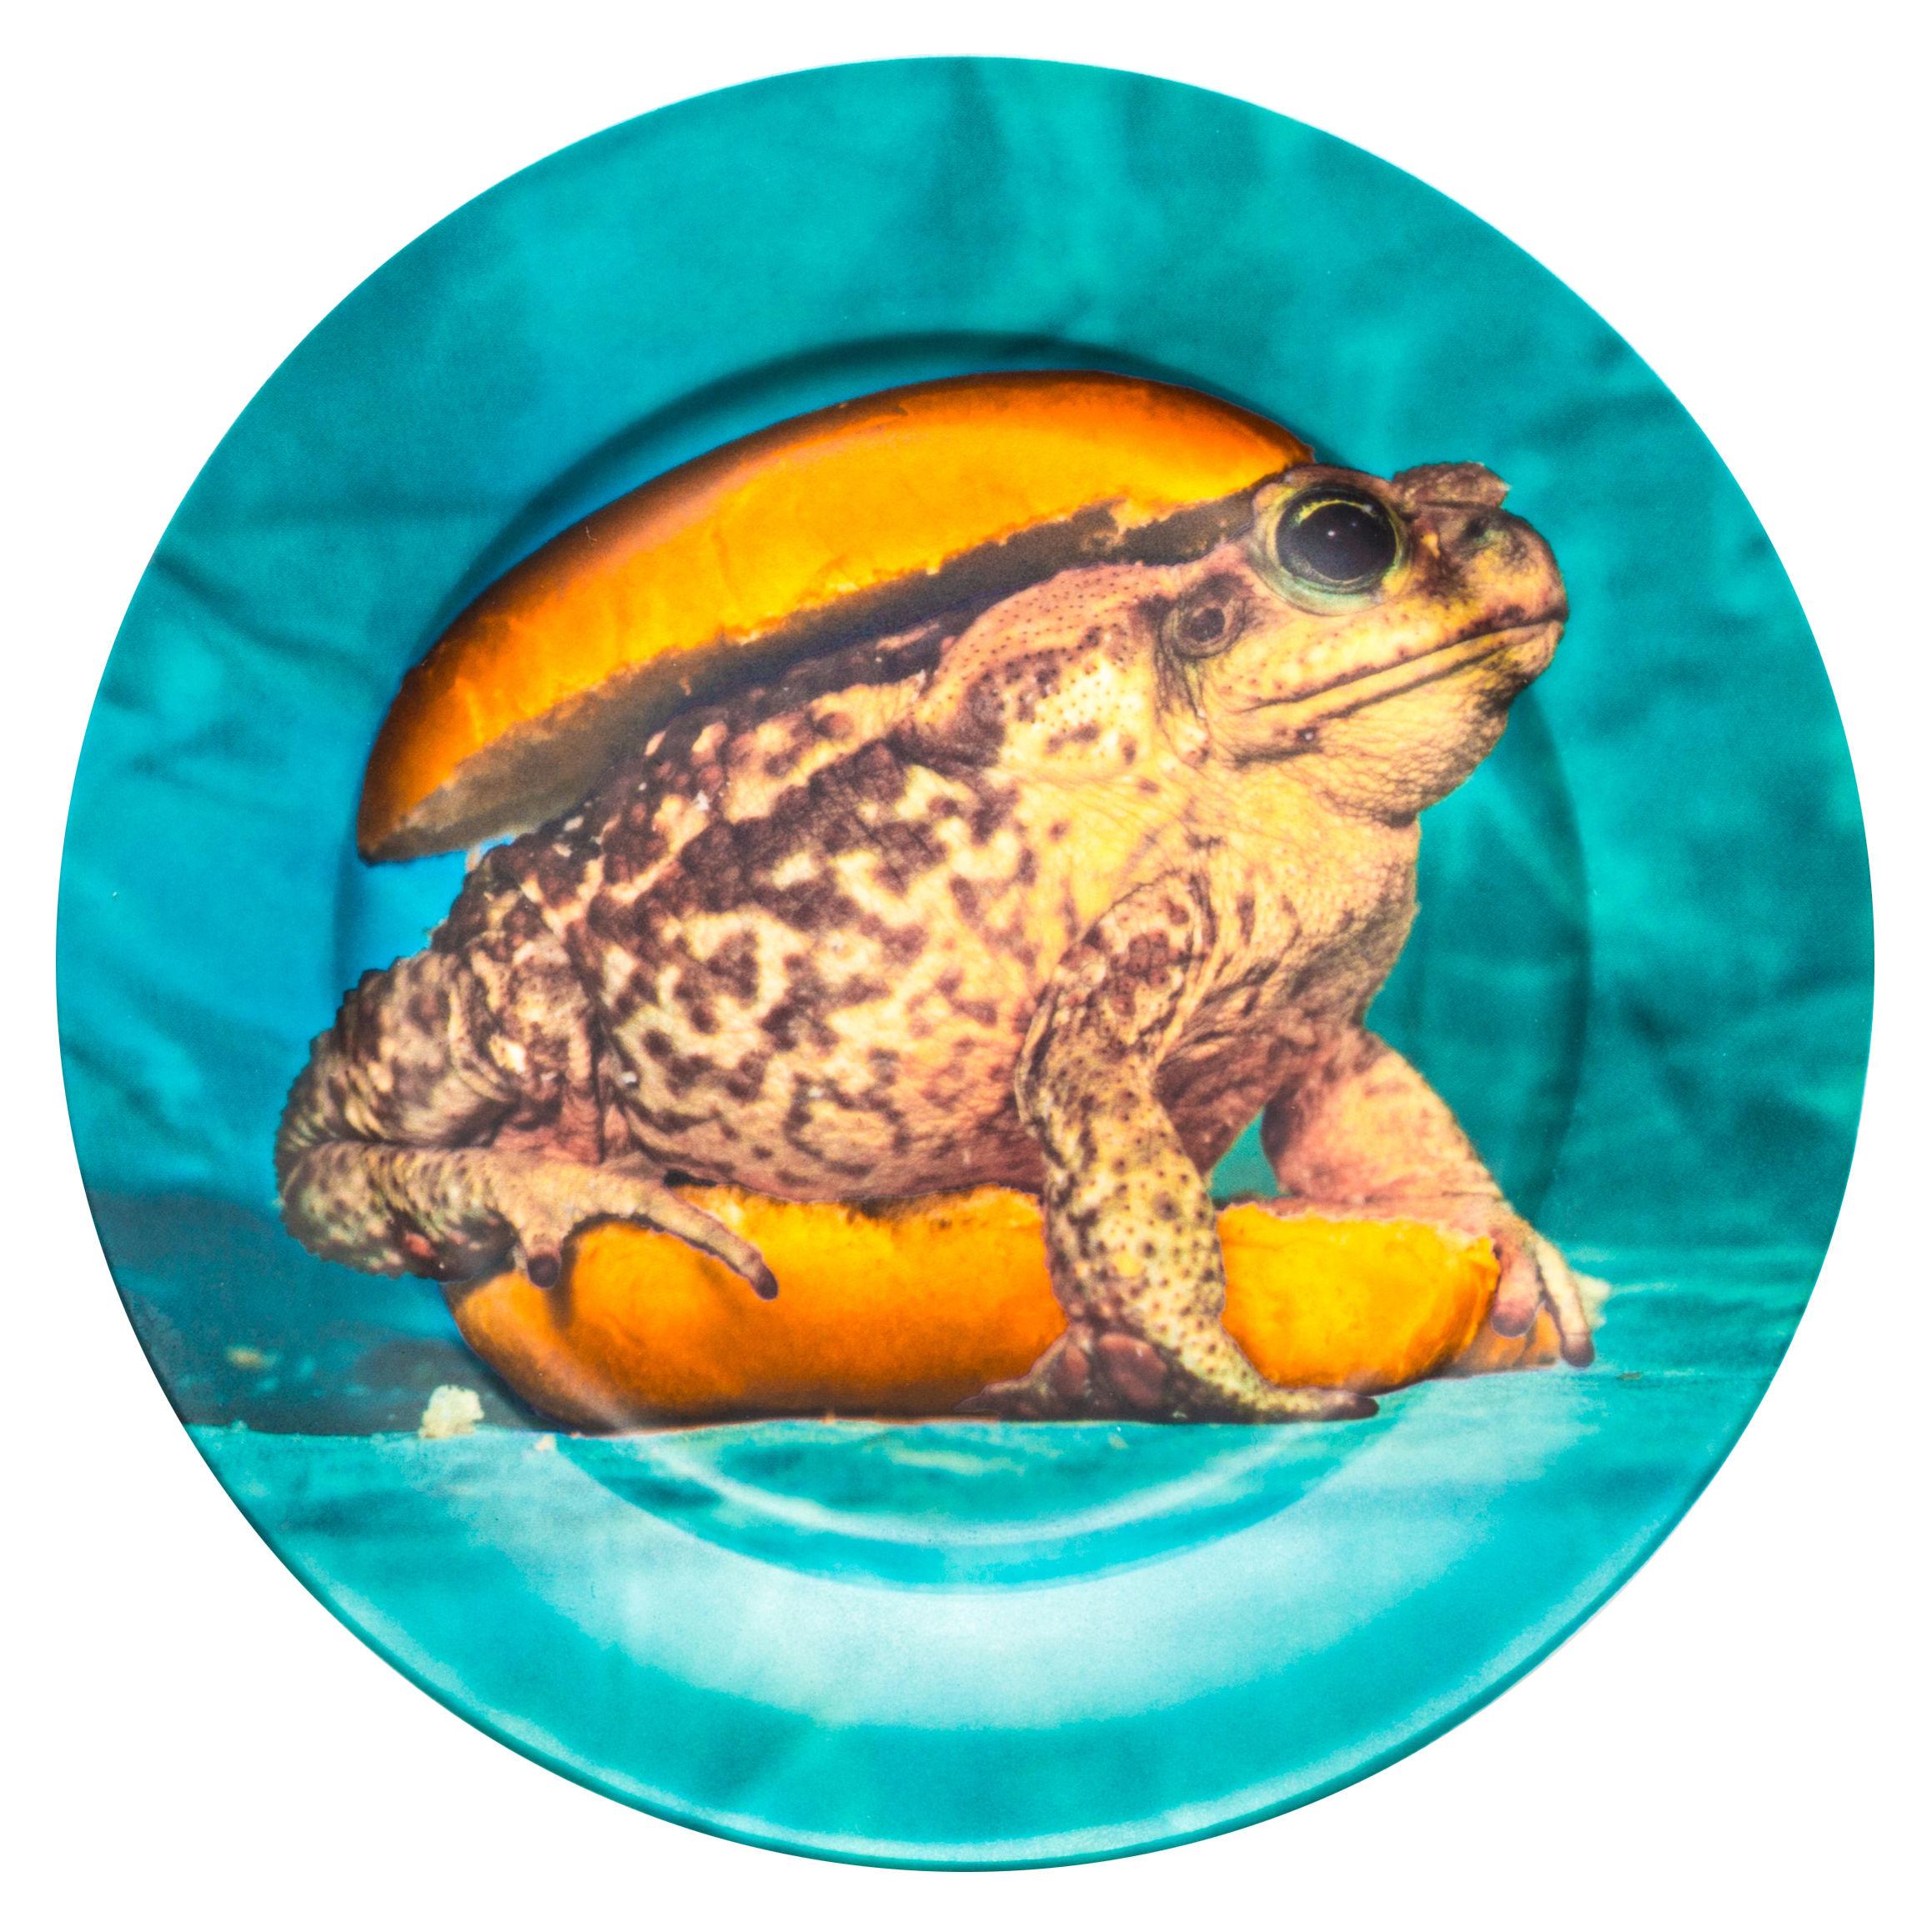 Toiletpaper Plate - Seletti Multicolored Toad Maurizio Cattelan | Pierpaolo Ferrari